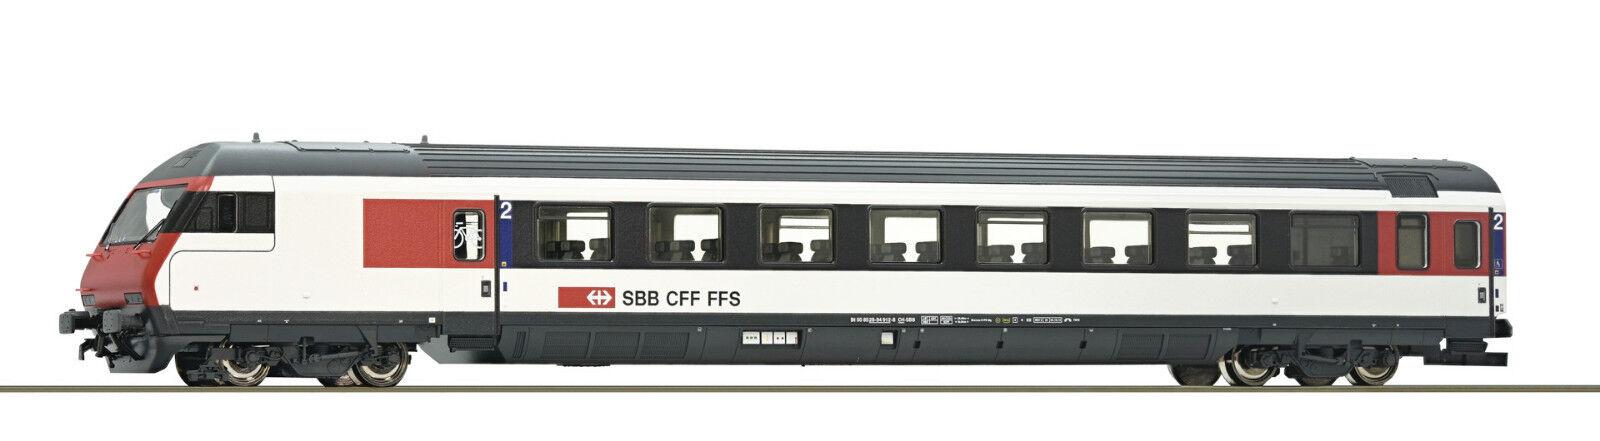 ROCO 74399 EC IC-Steuerwagen SBB Ep VI Auf Wunsch Achstausch für Märklin gratis    Praktisch Und Wirtschaftlich